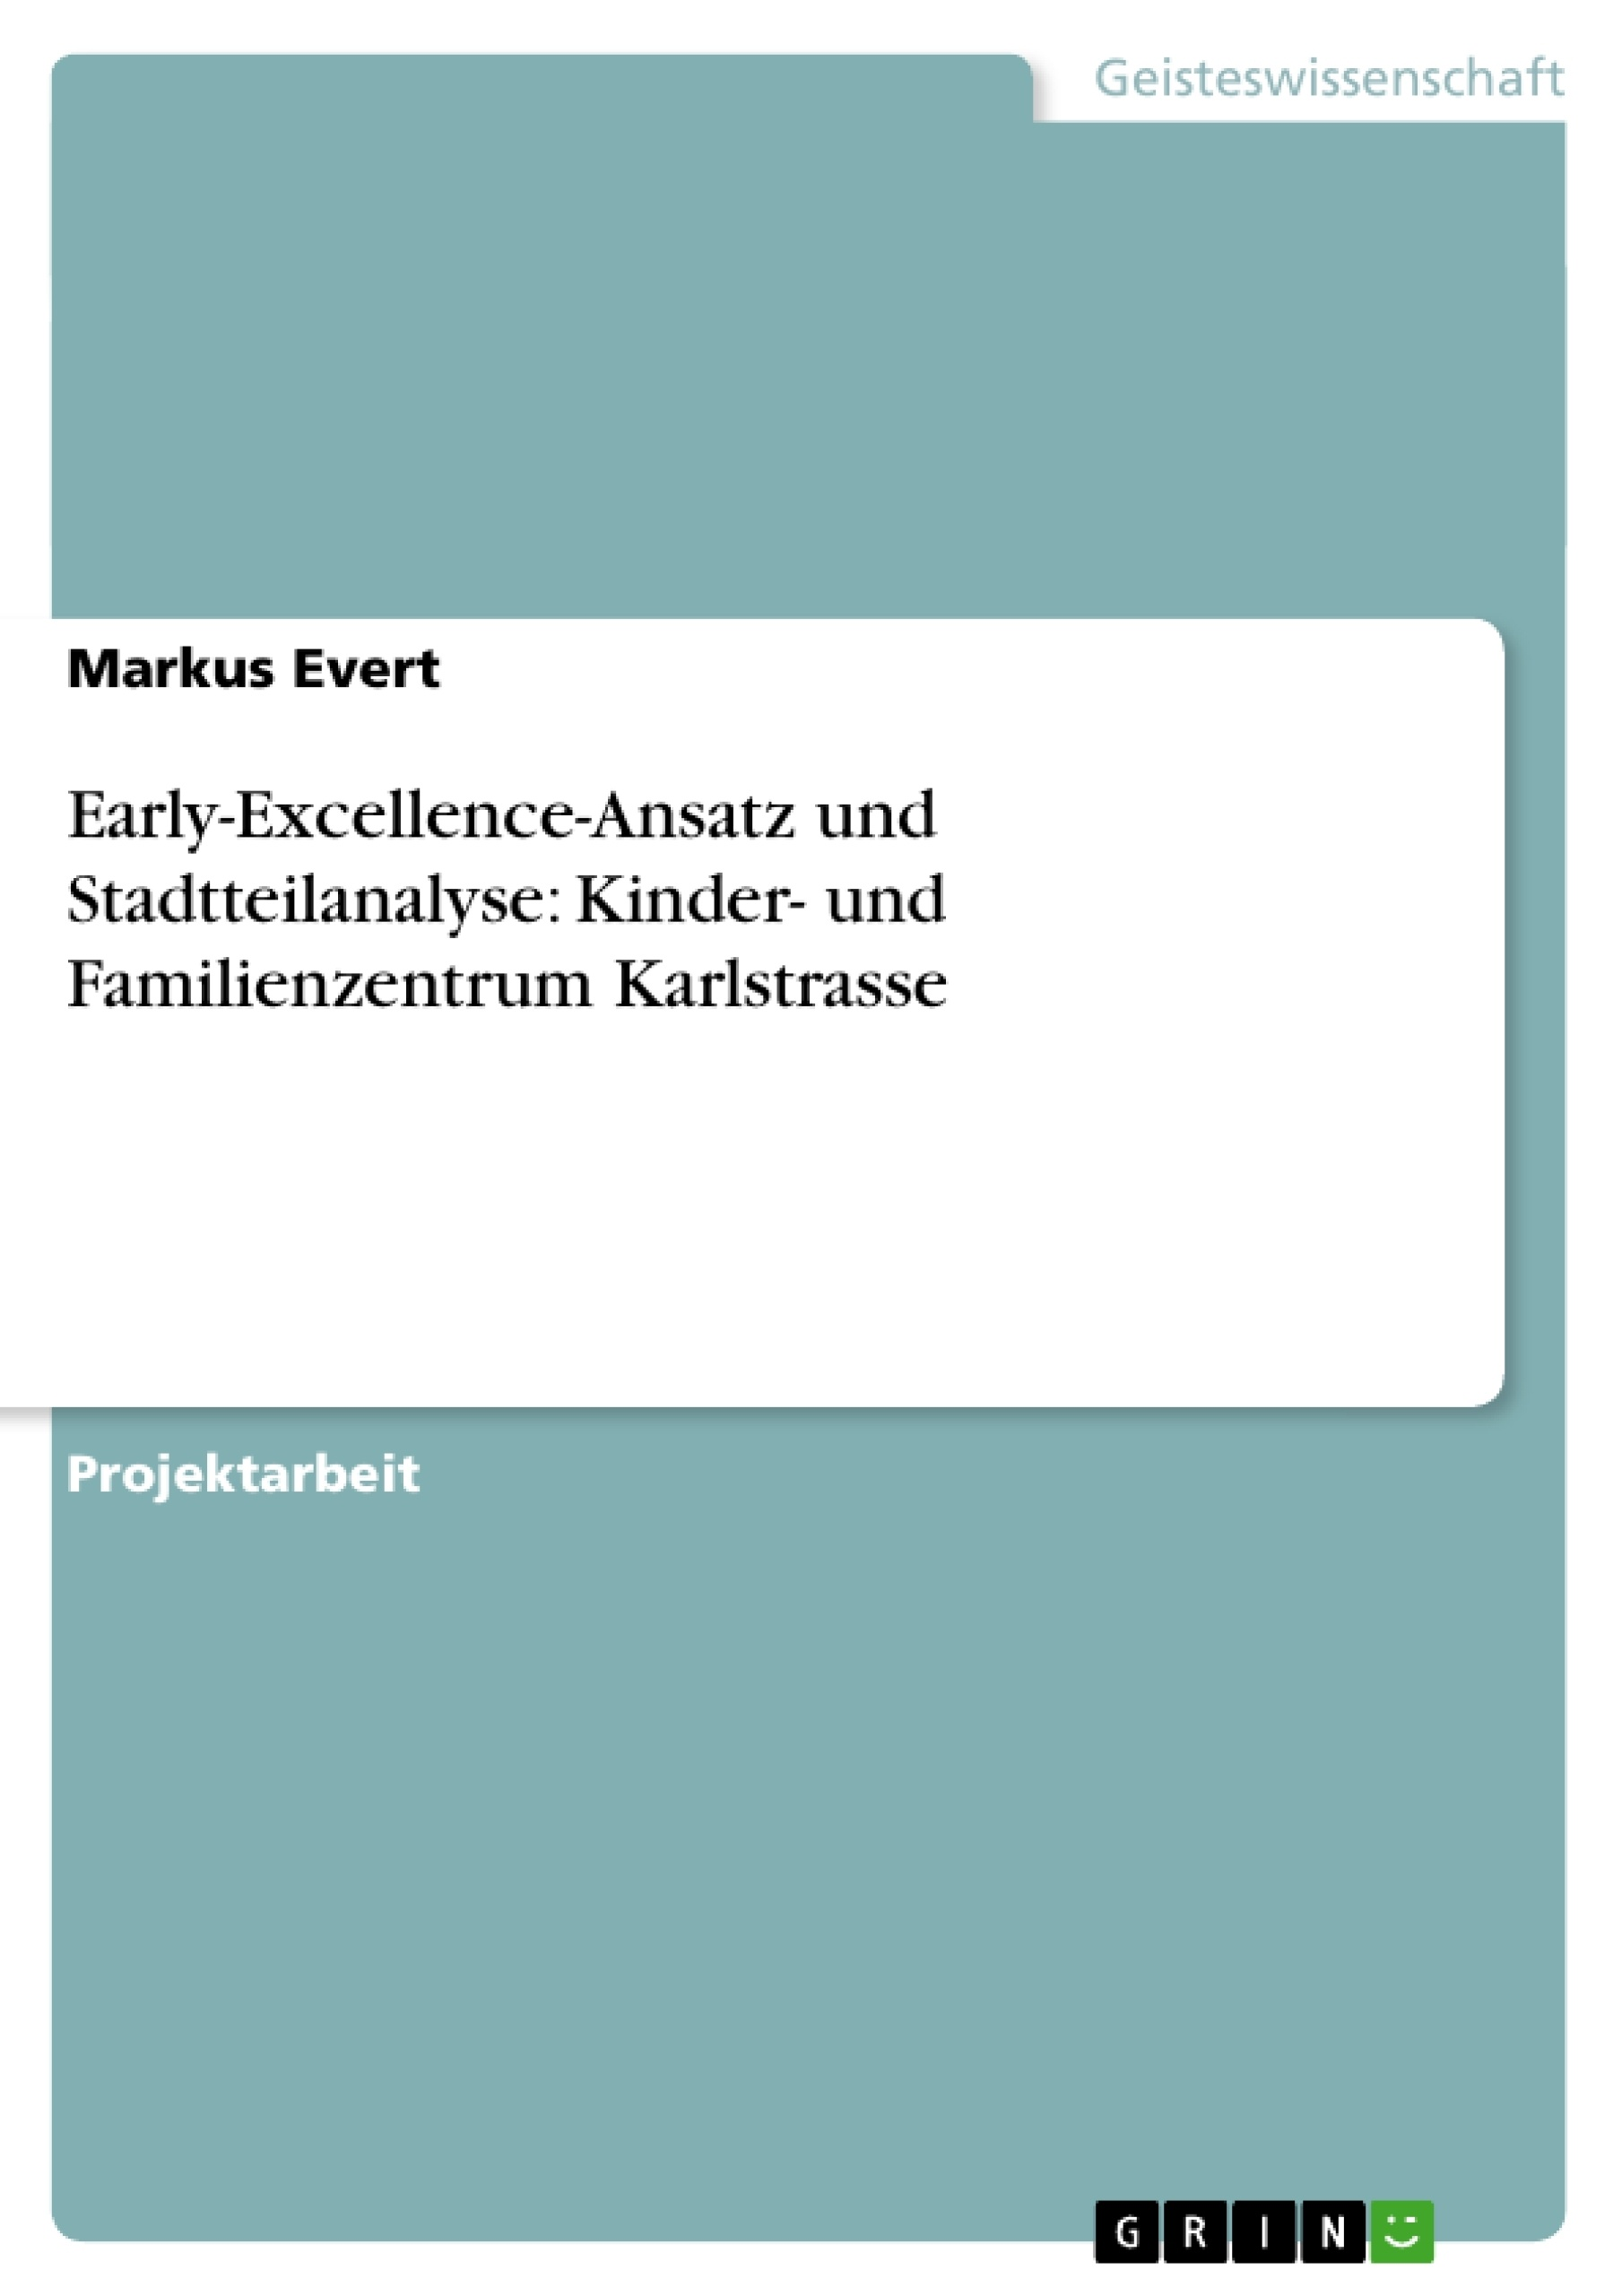 Titel: Early-Excellence-Ansatz und Stadtteilanalyse: Kinder- und Familienzentrum Karlstrasse